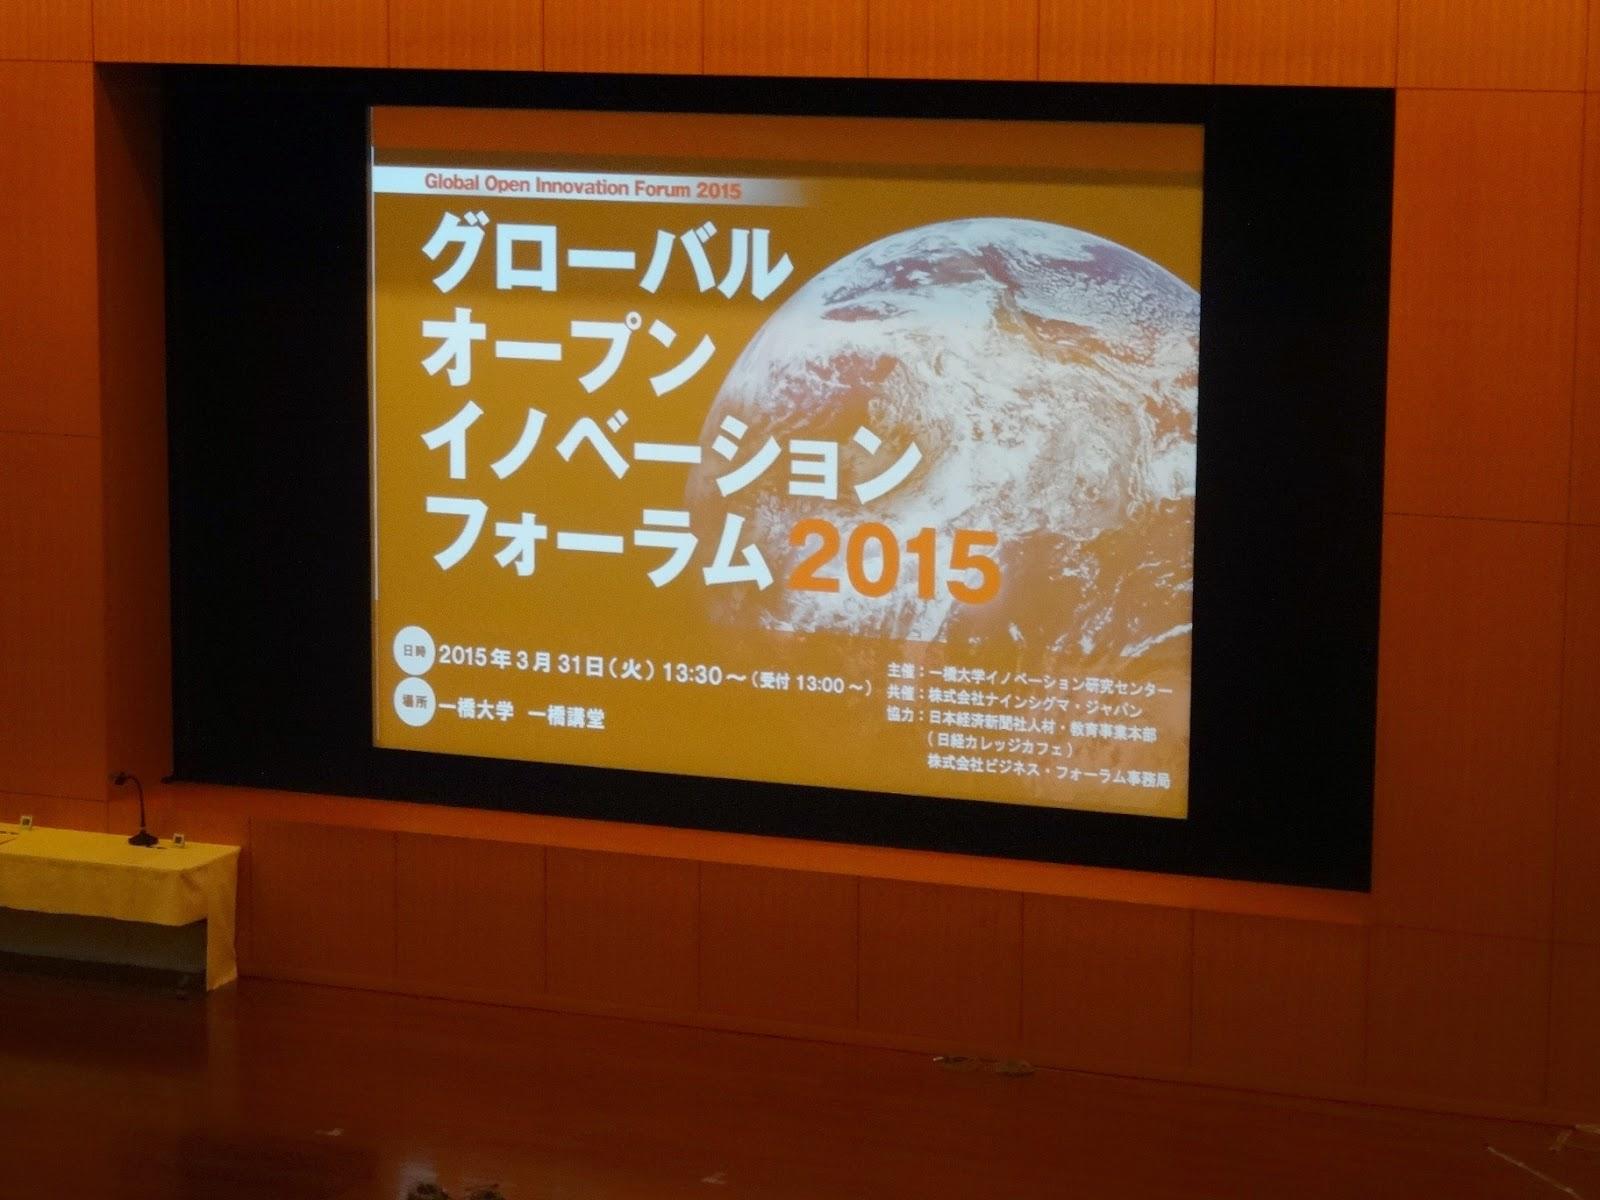 【開催報告】グローバル・オープ ン・イノベーション・フォーラム2015